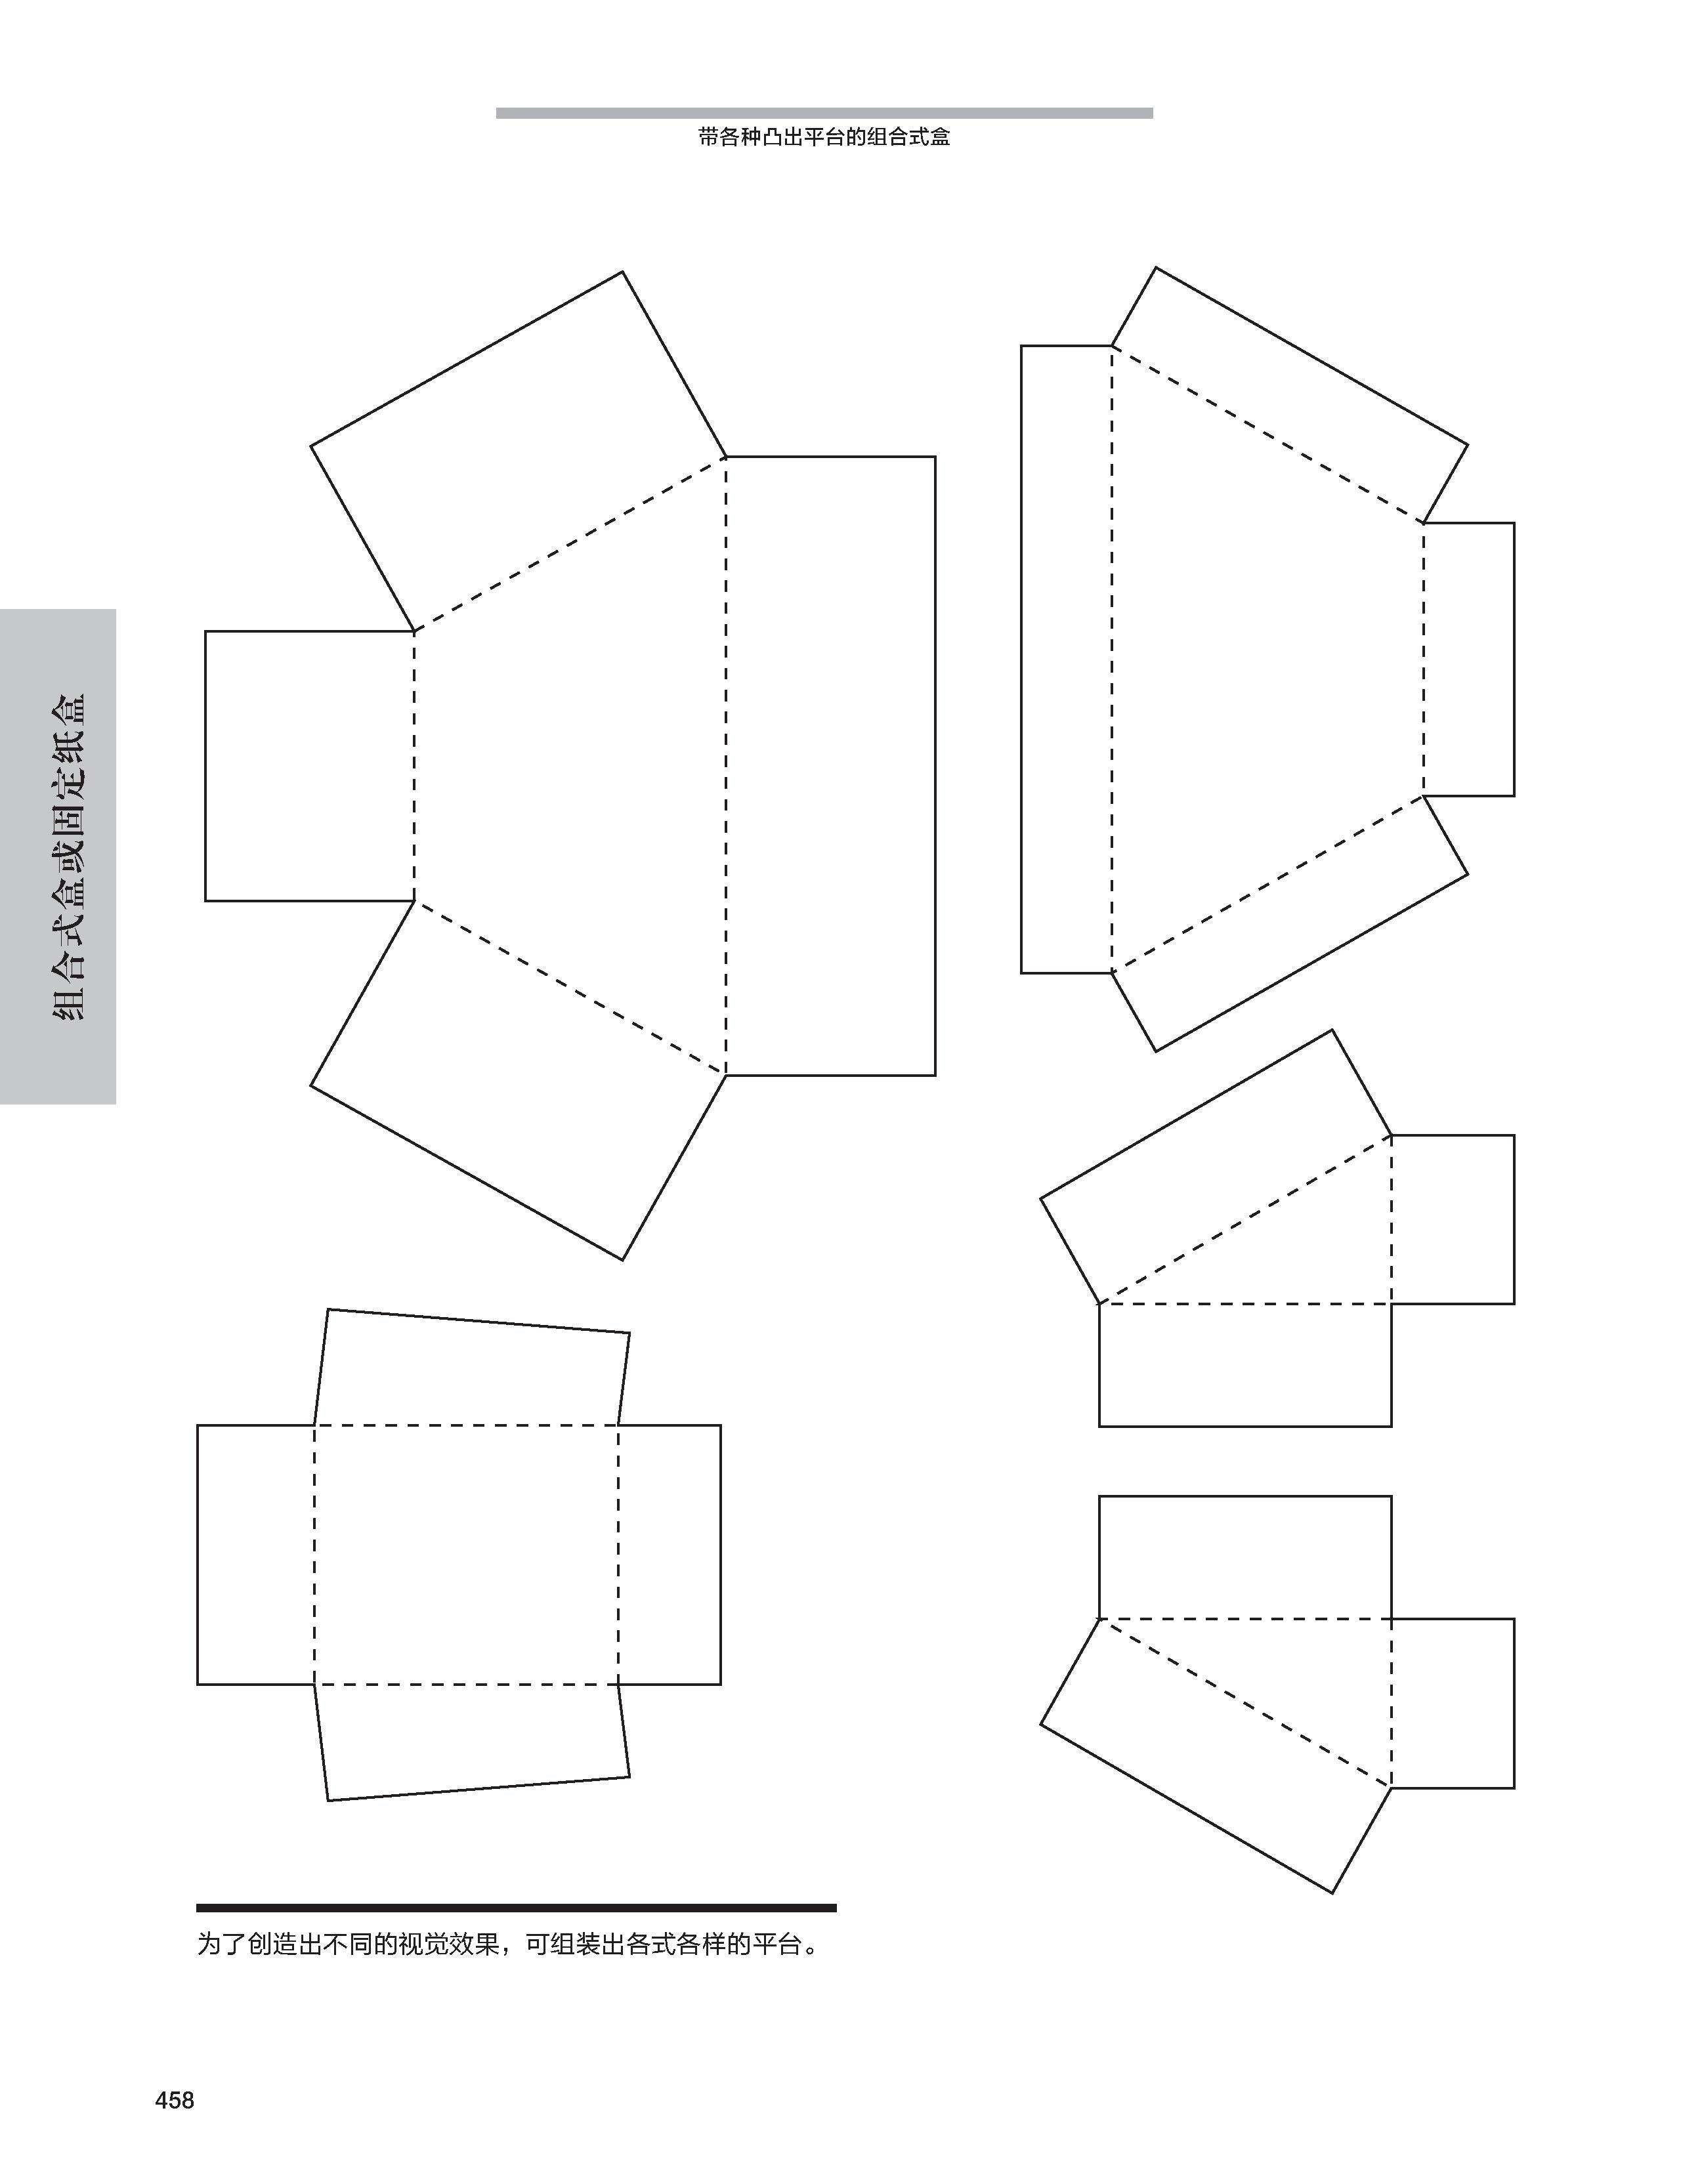 正版 包装结构设计大全(全新修订版) 包装设计行业设计师工具书 包装